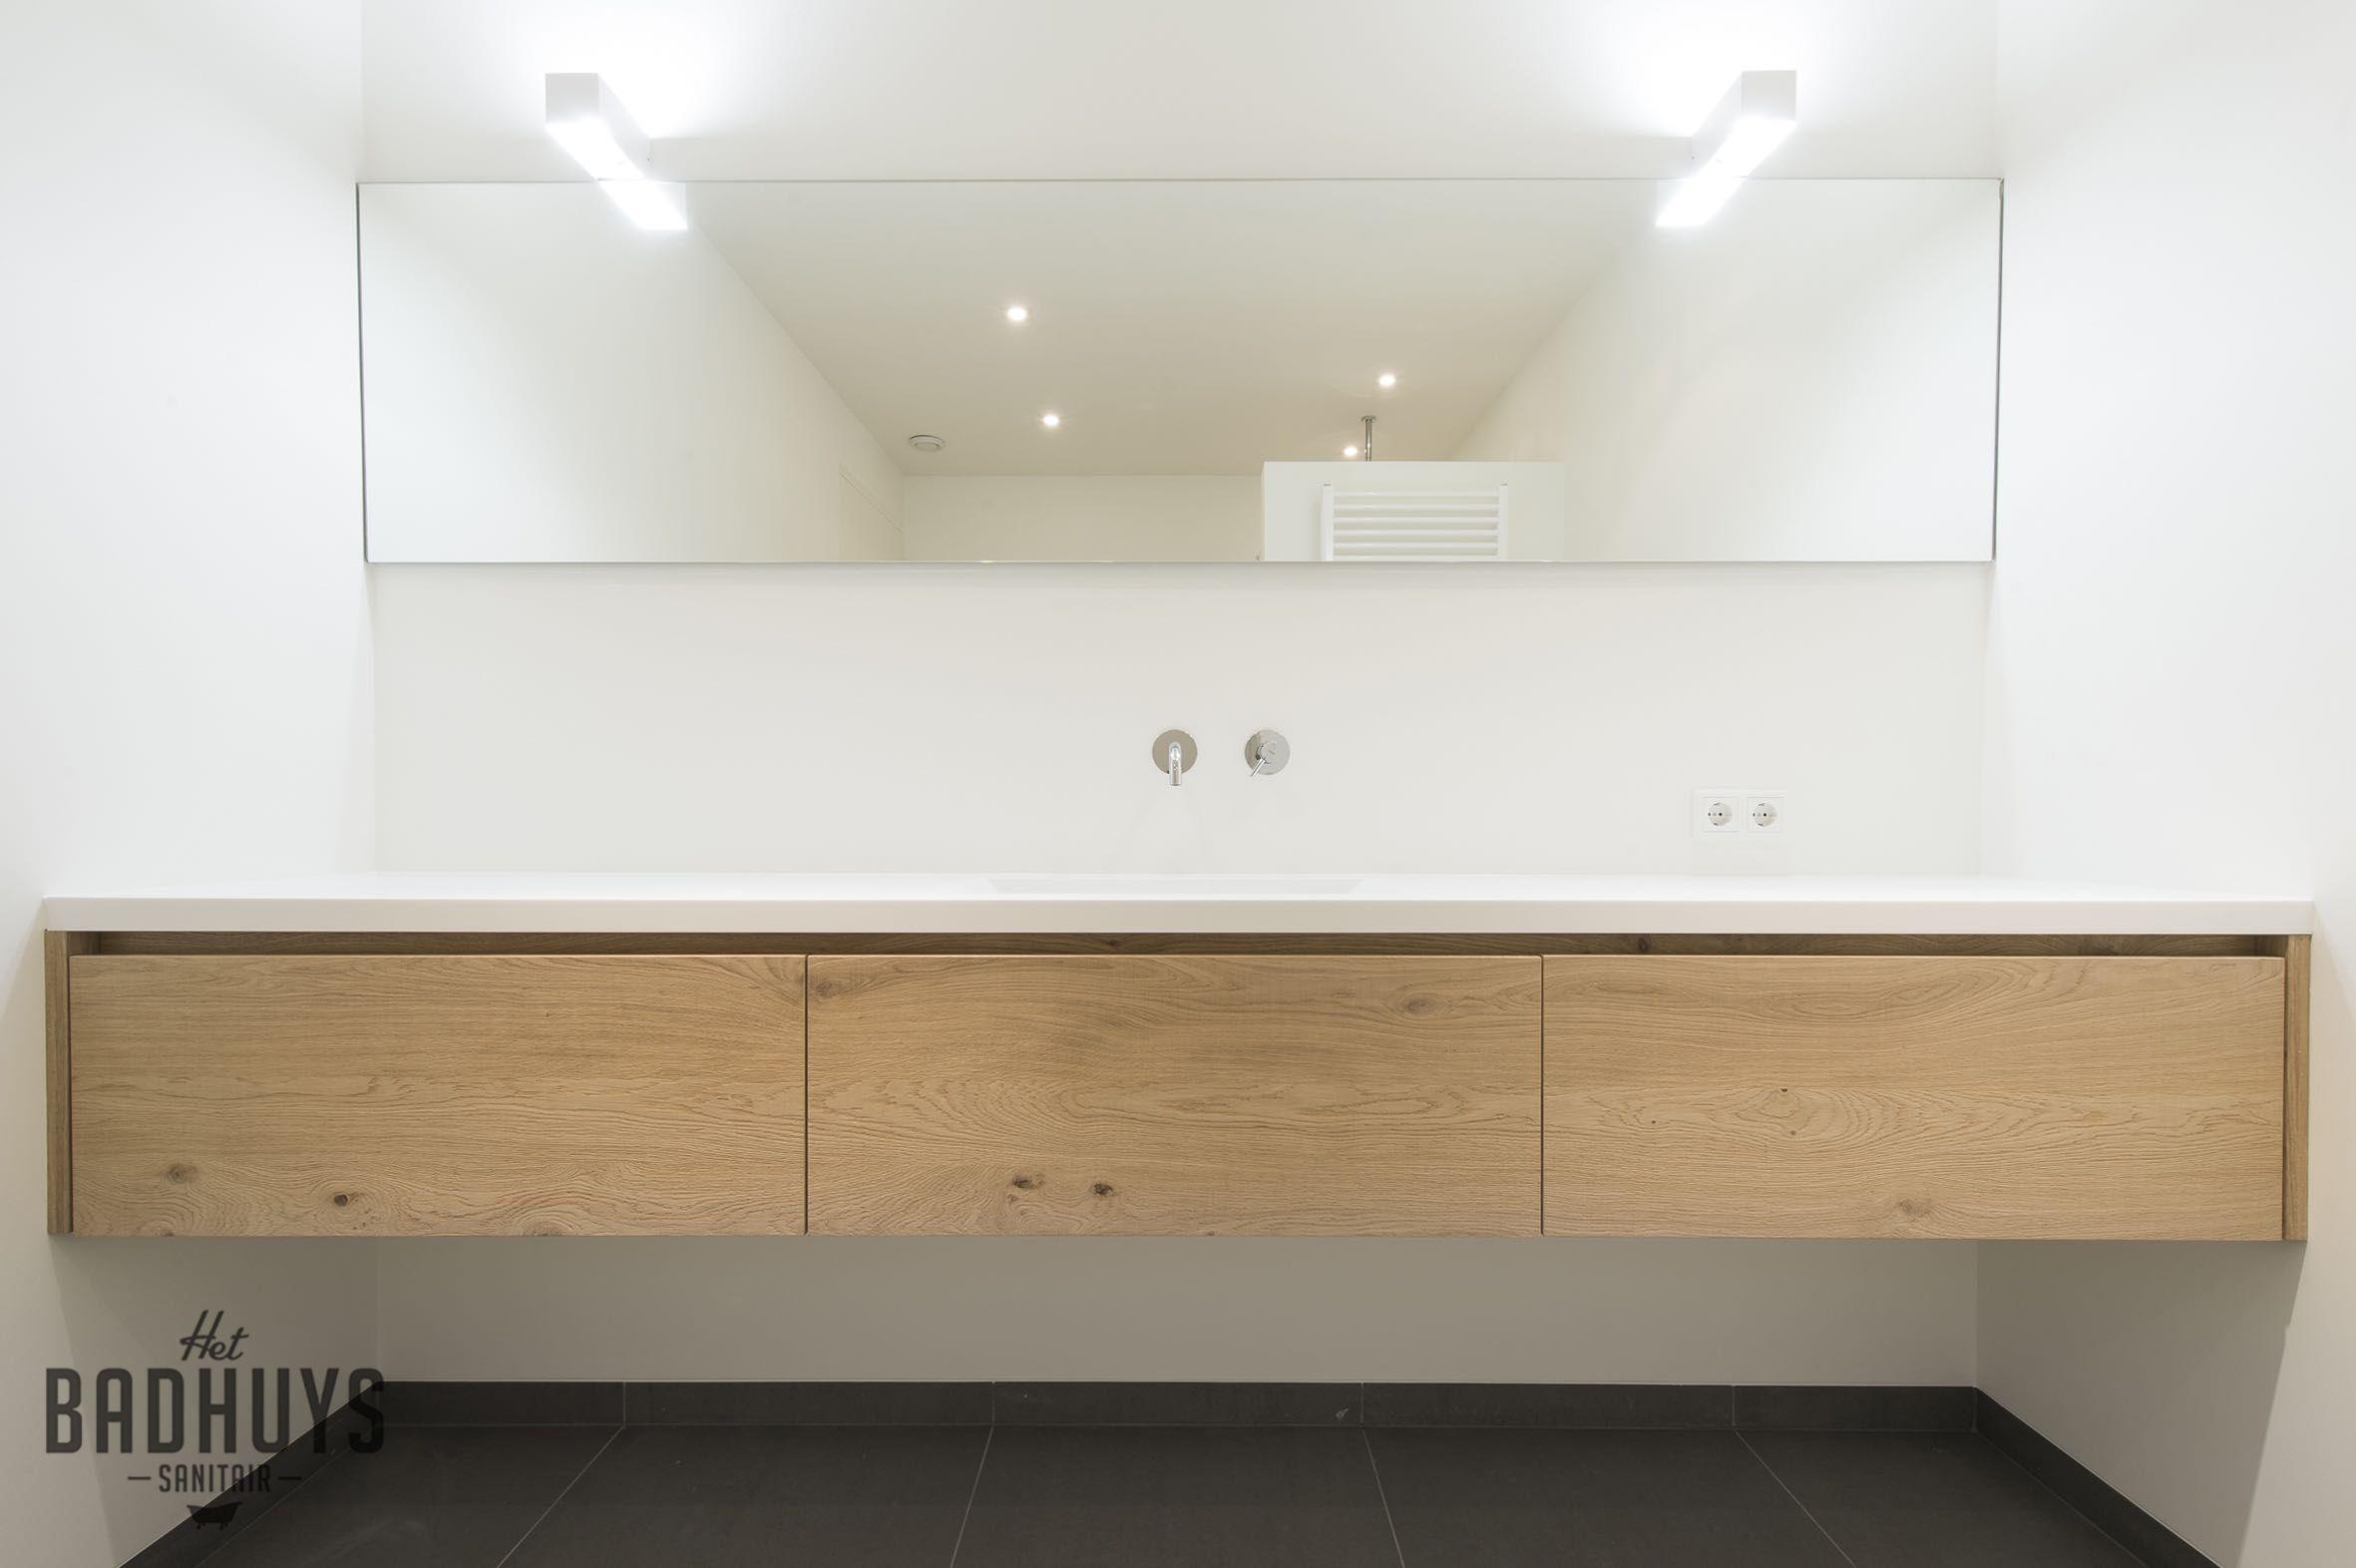 Eigentijdse badkamer prinsenbeek het badhuys het badhuys